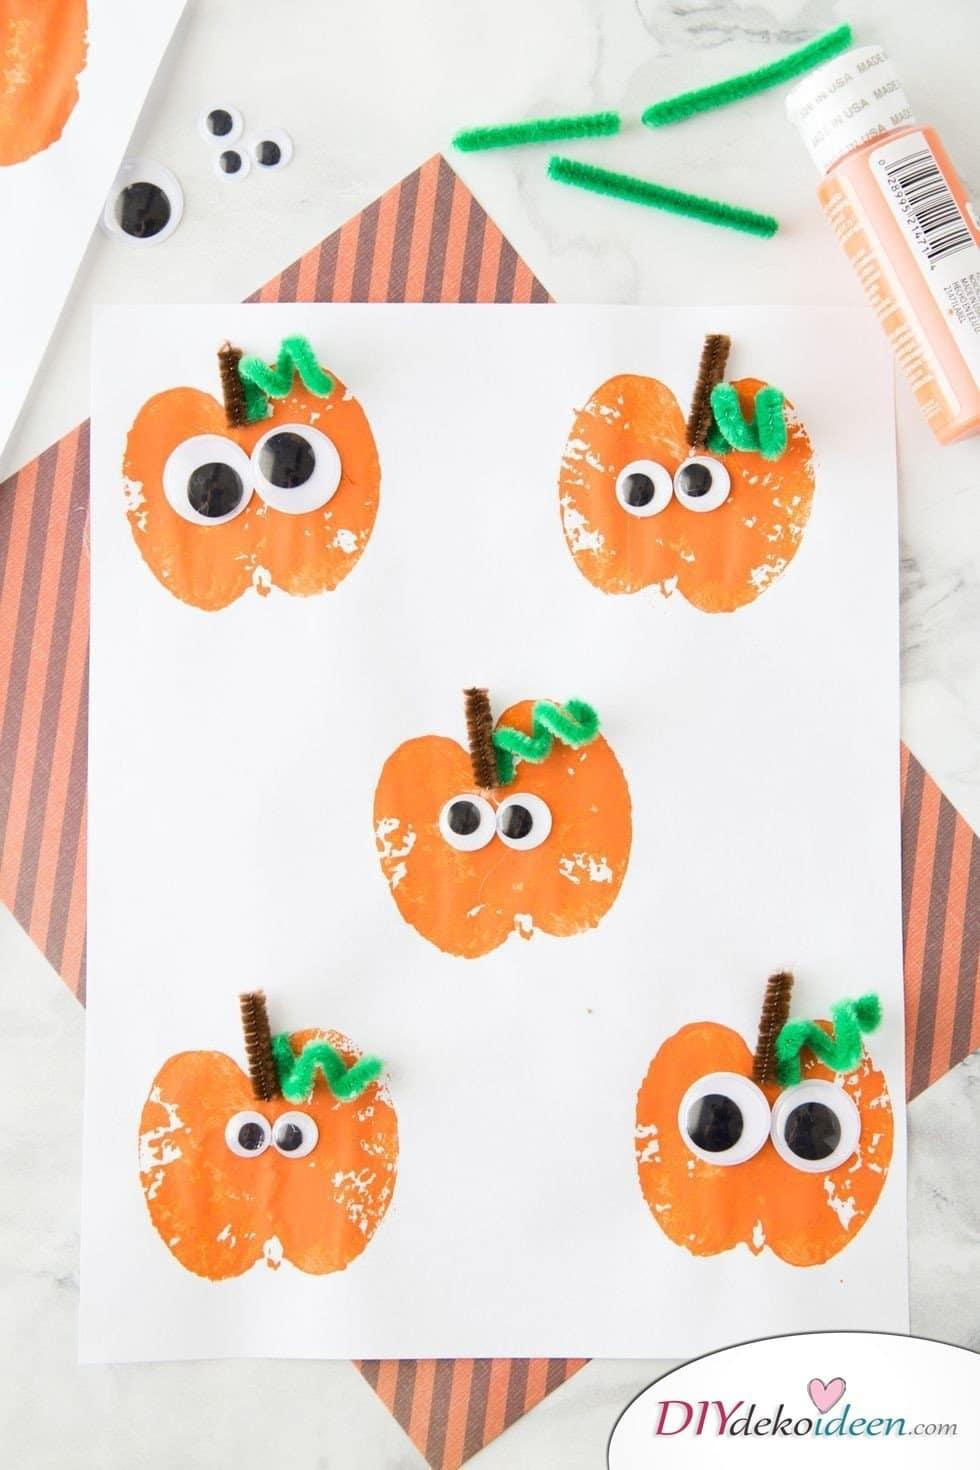 Halloween deko basteln mit kindern jetzt wird s gruselig - Halloween deko basteln mit kindern ...